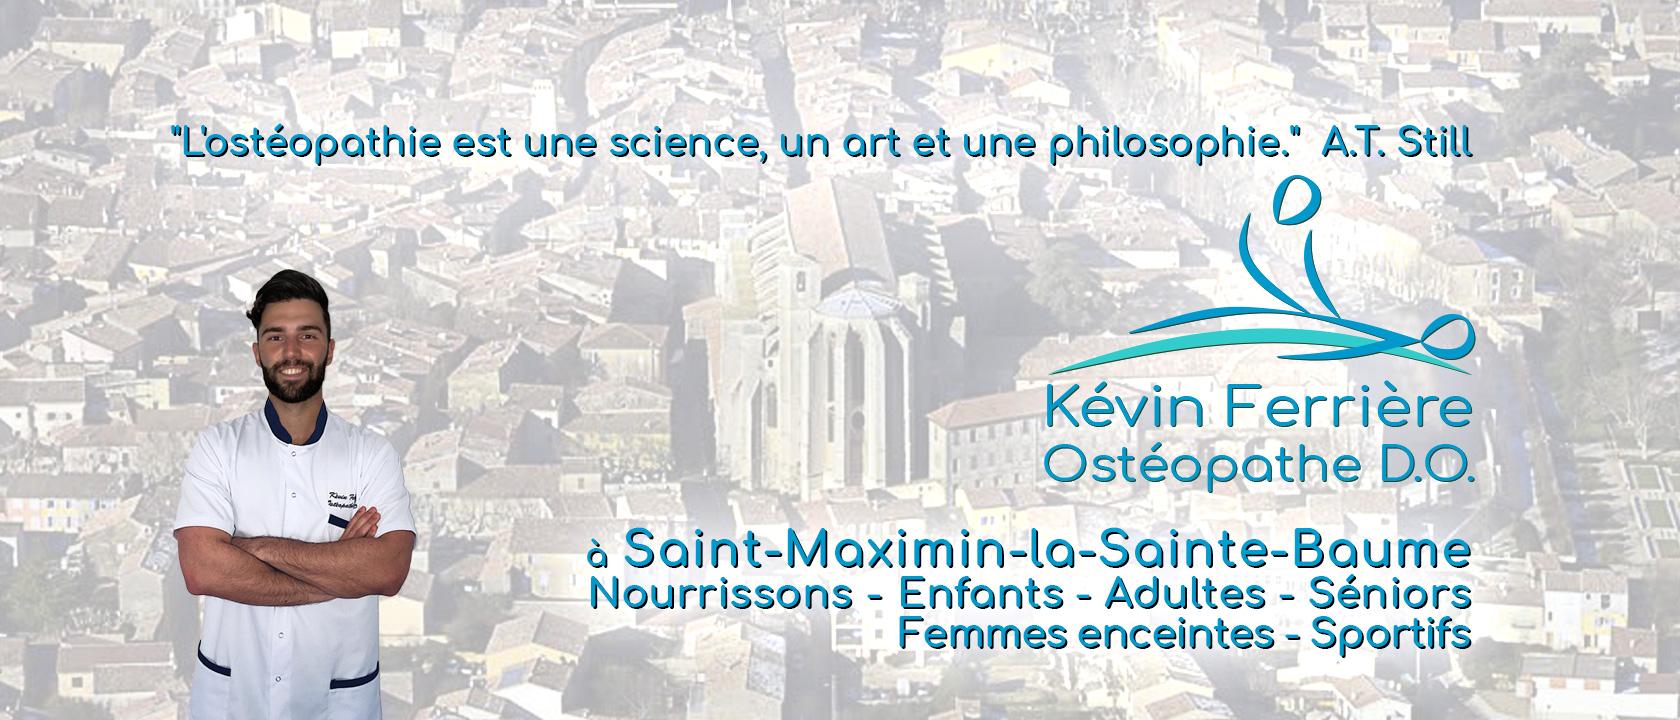 Kévin FERRIERE- Ostéopathe D.O à Saint-Maximin-la-Sainte-Baume Nourrissons - Enfants - Adultes - Seniors - Femmes enceintes - Sportifs